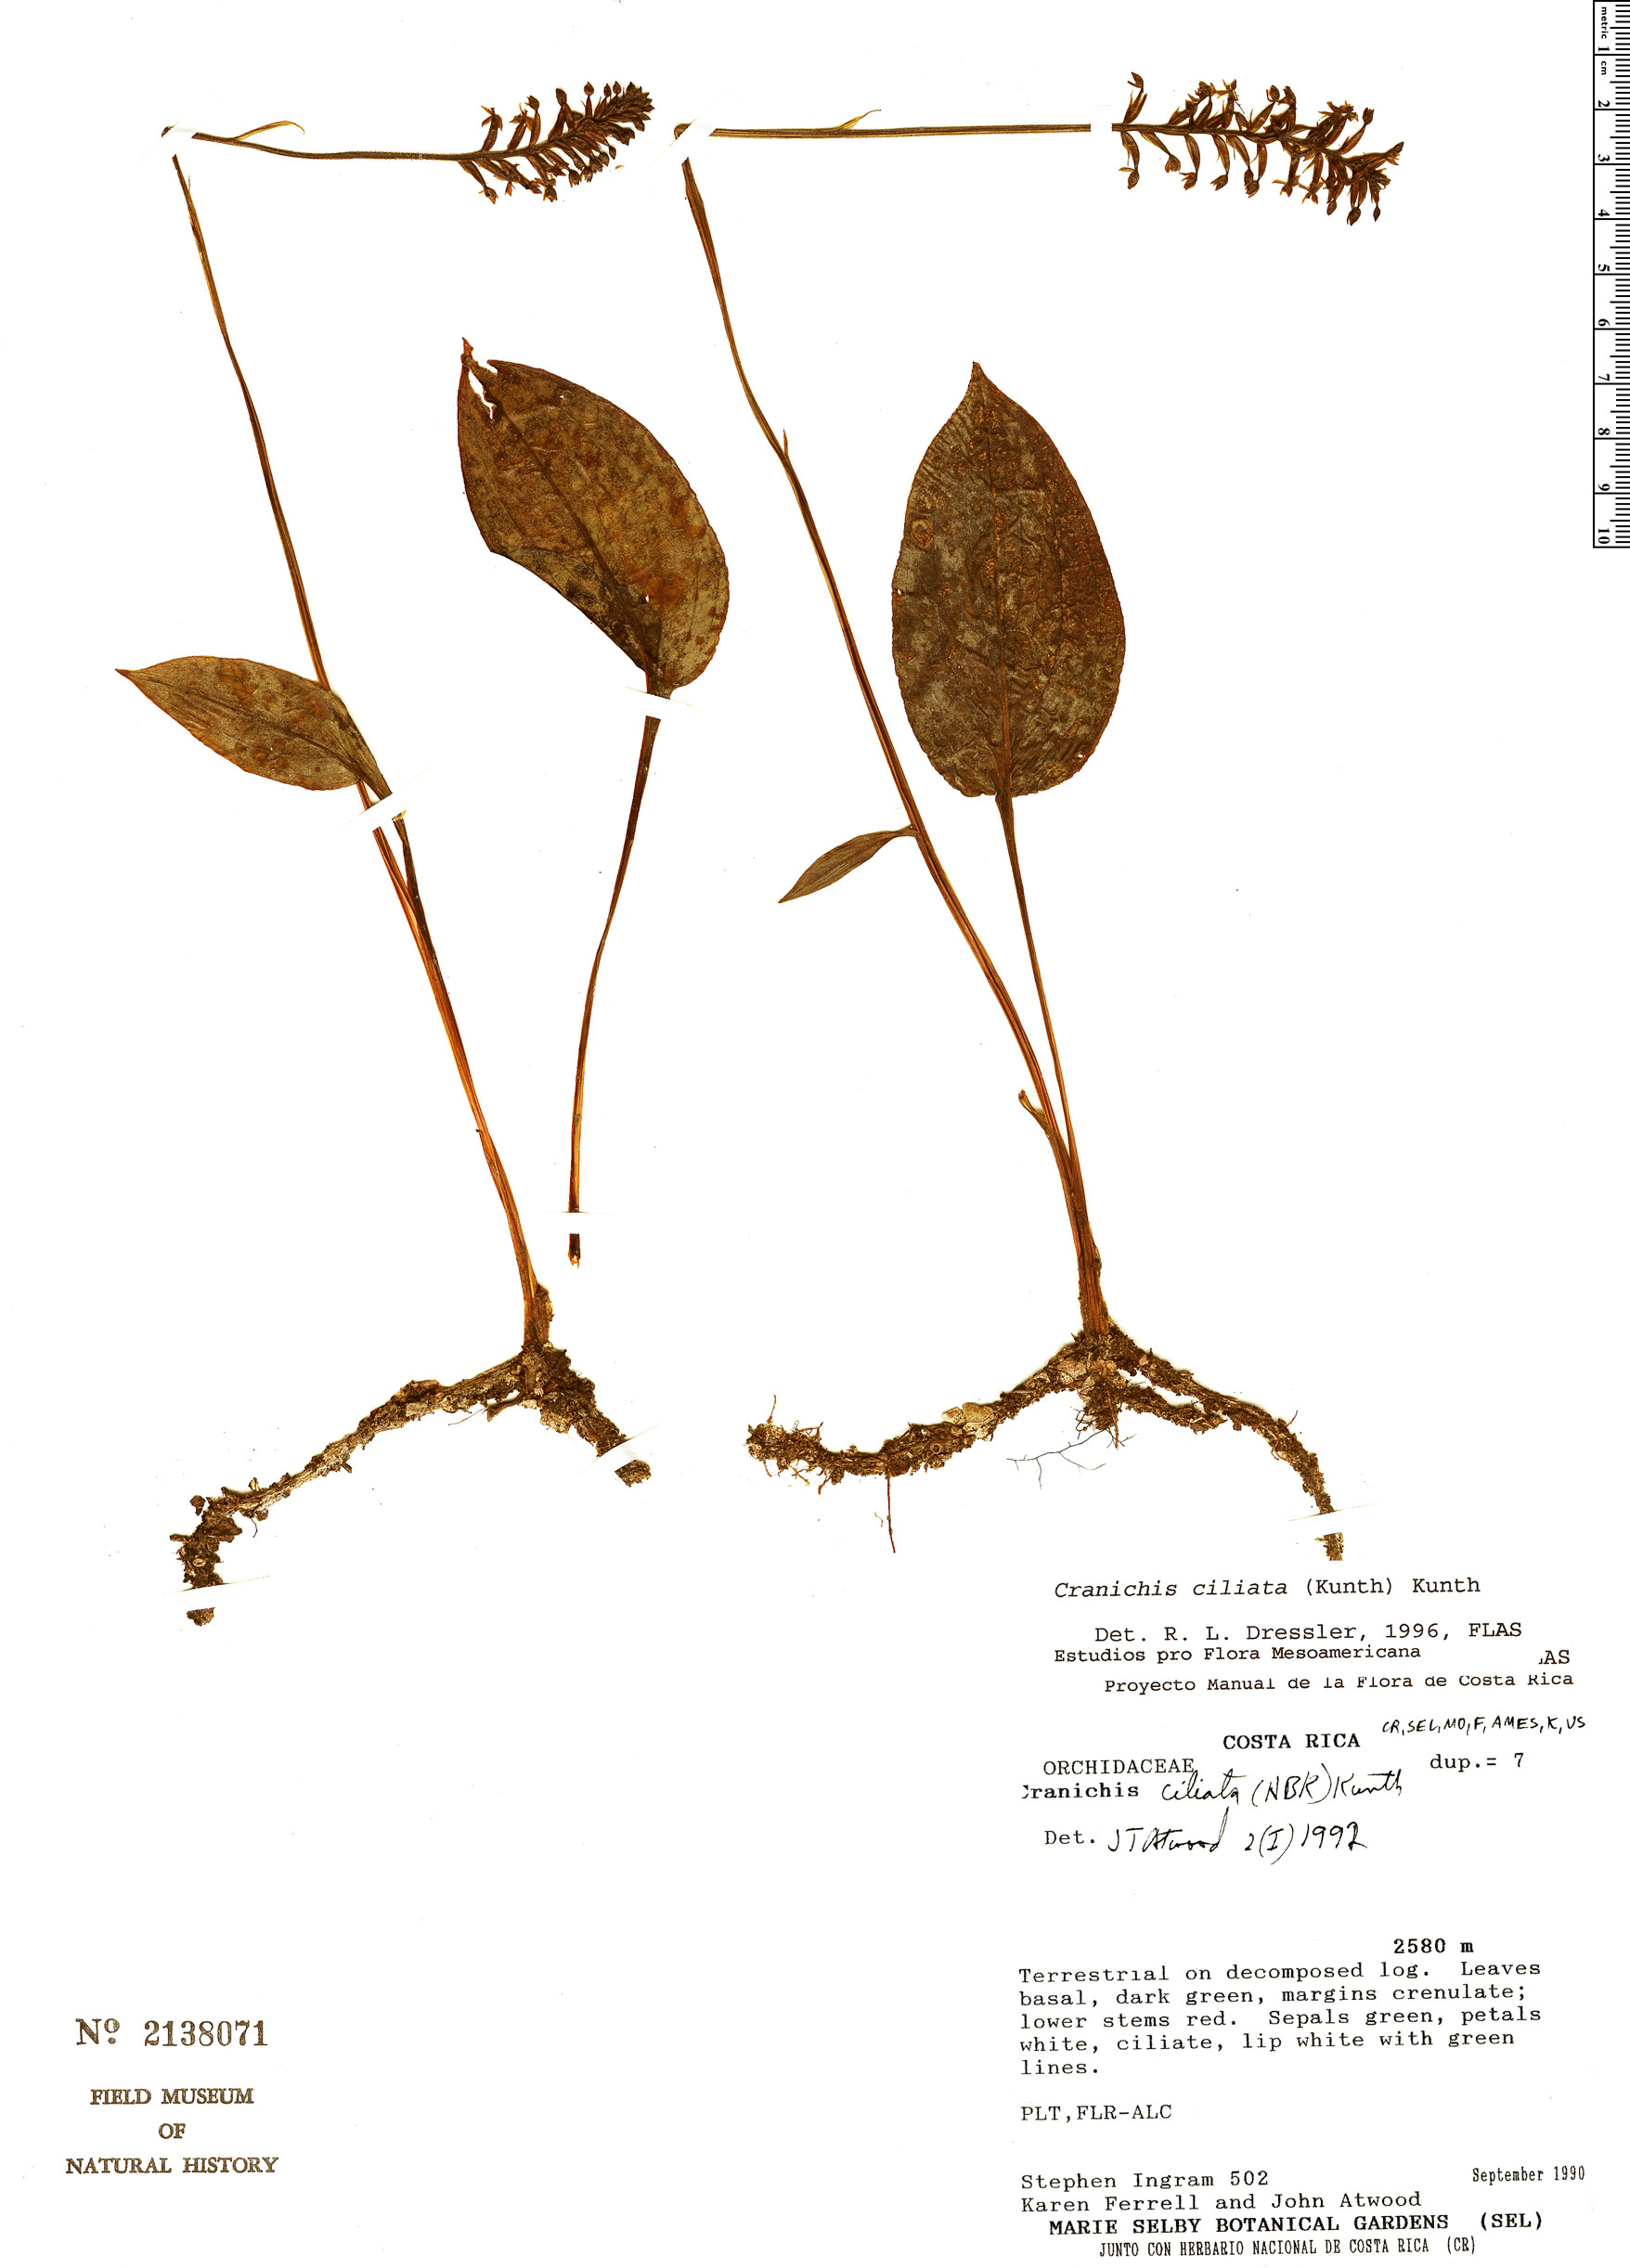 Specimen: Cranichis ciliata